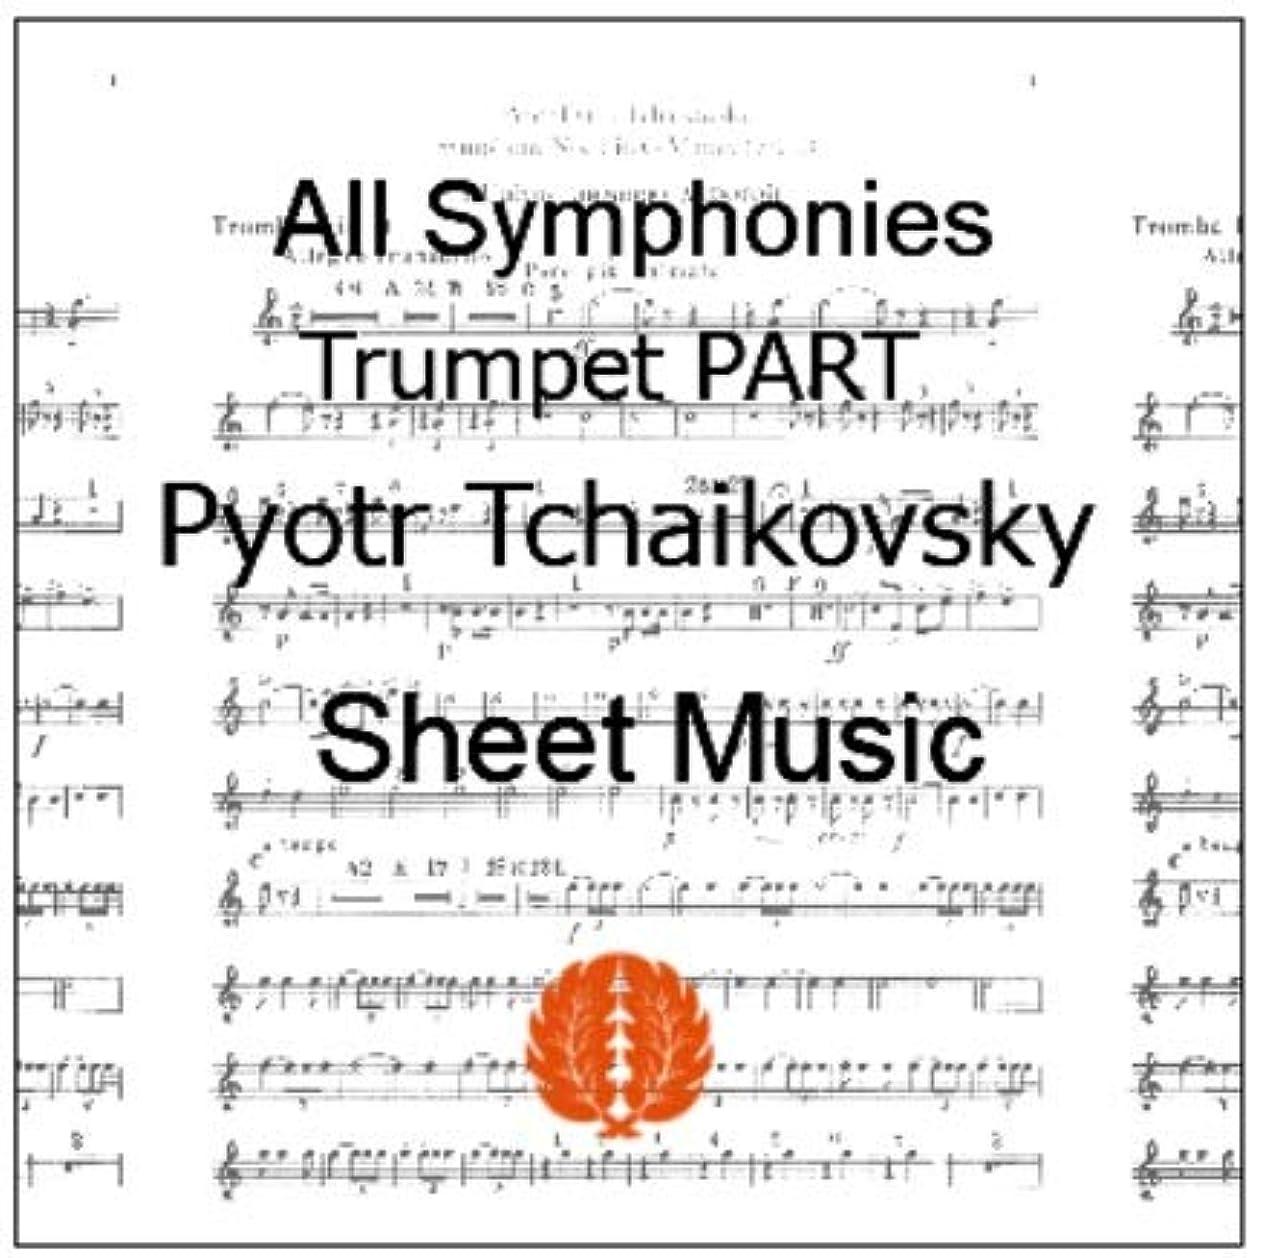 楽譜 pdf チャイコフスキー 交響曲 全7曲 全楽章 トランペット パート譜セット